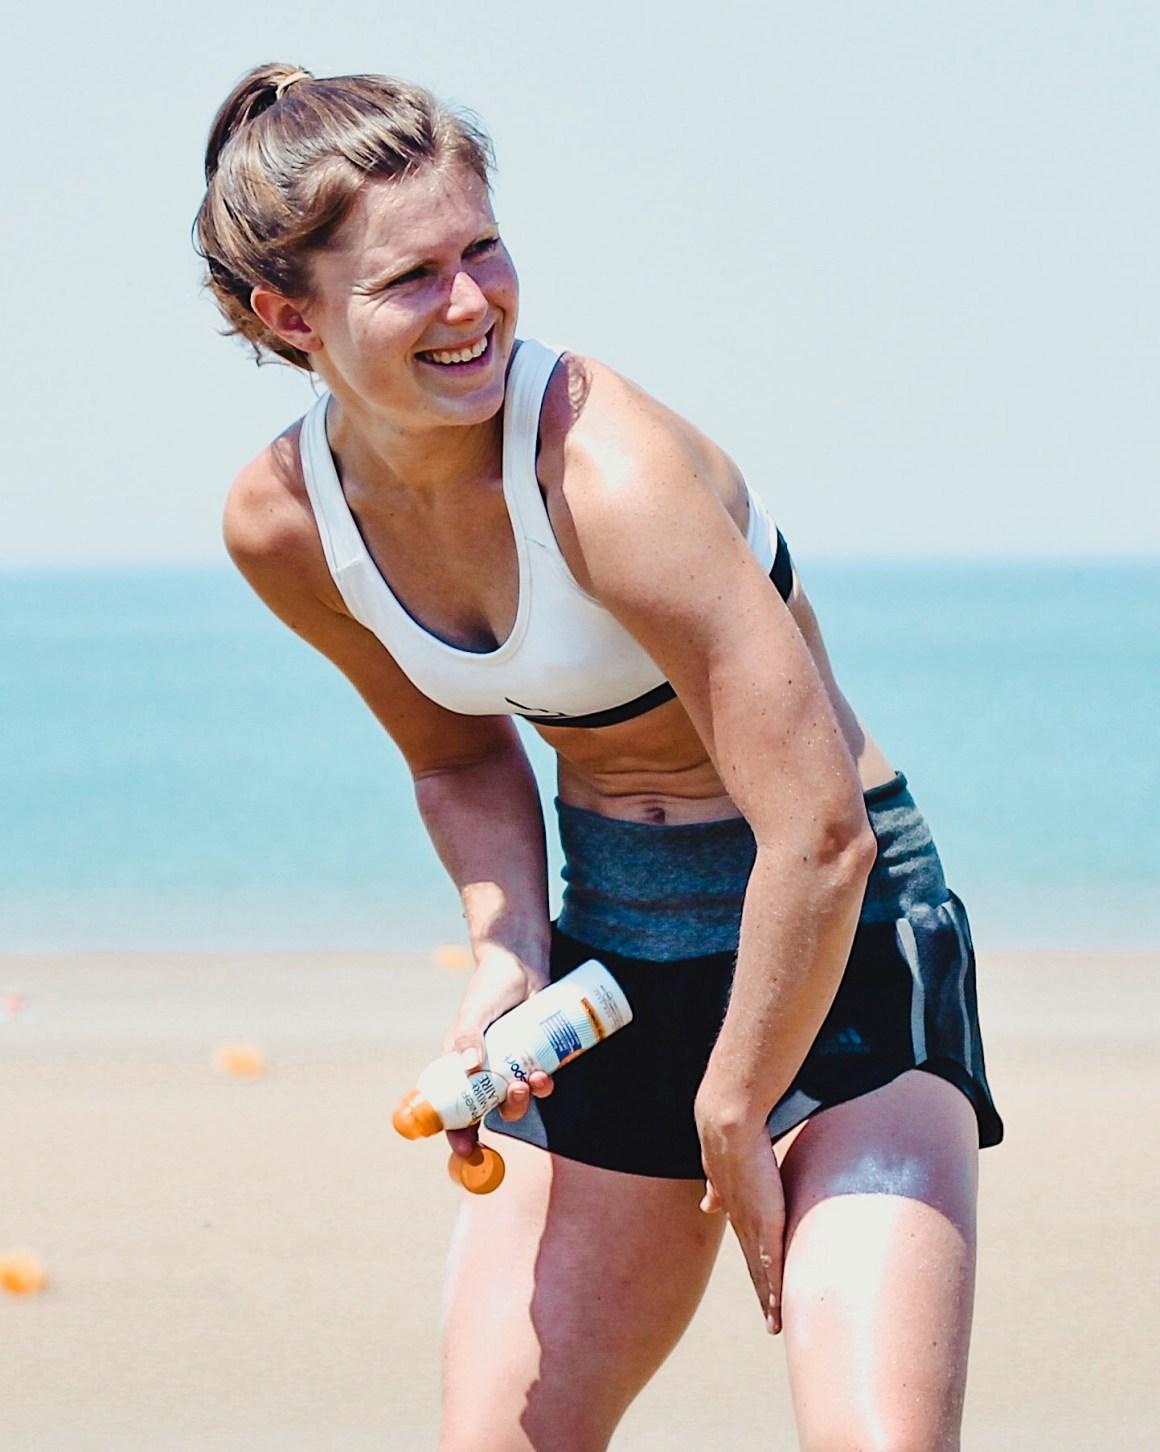 sporten in de zomer